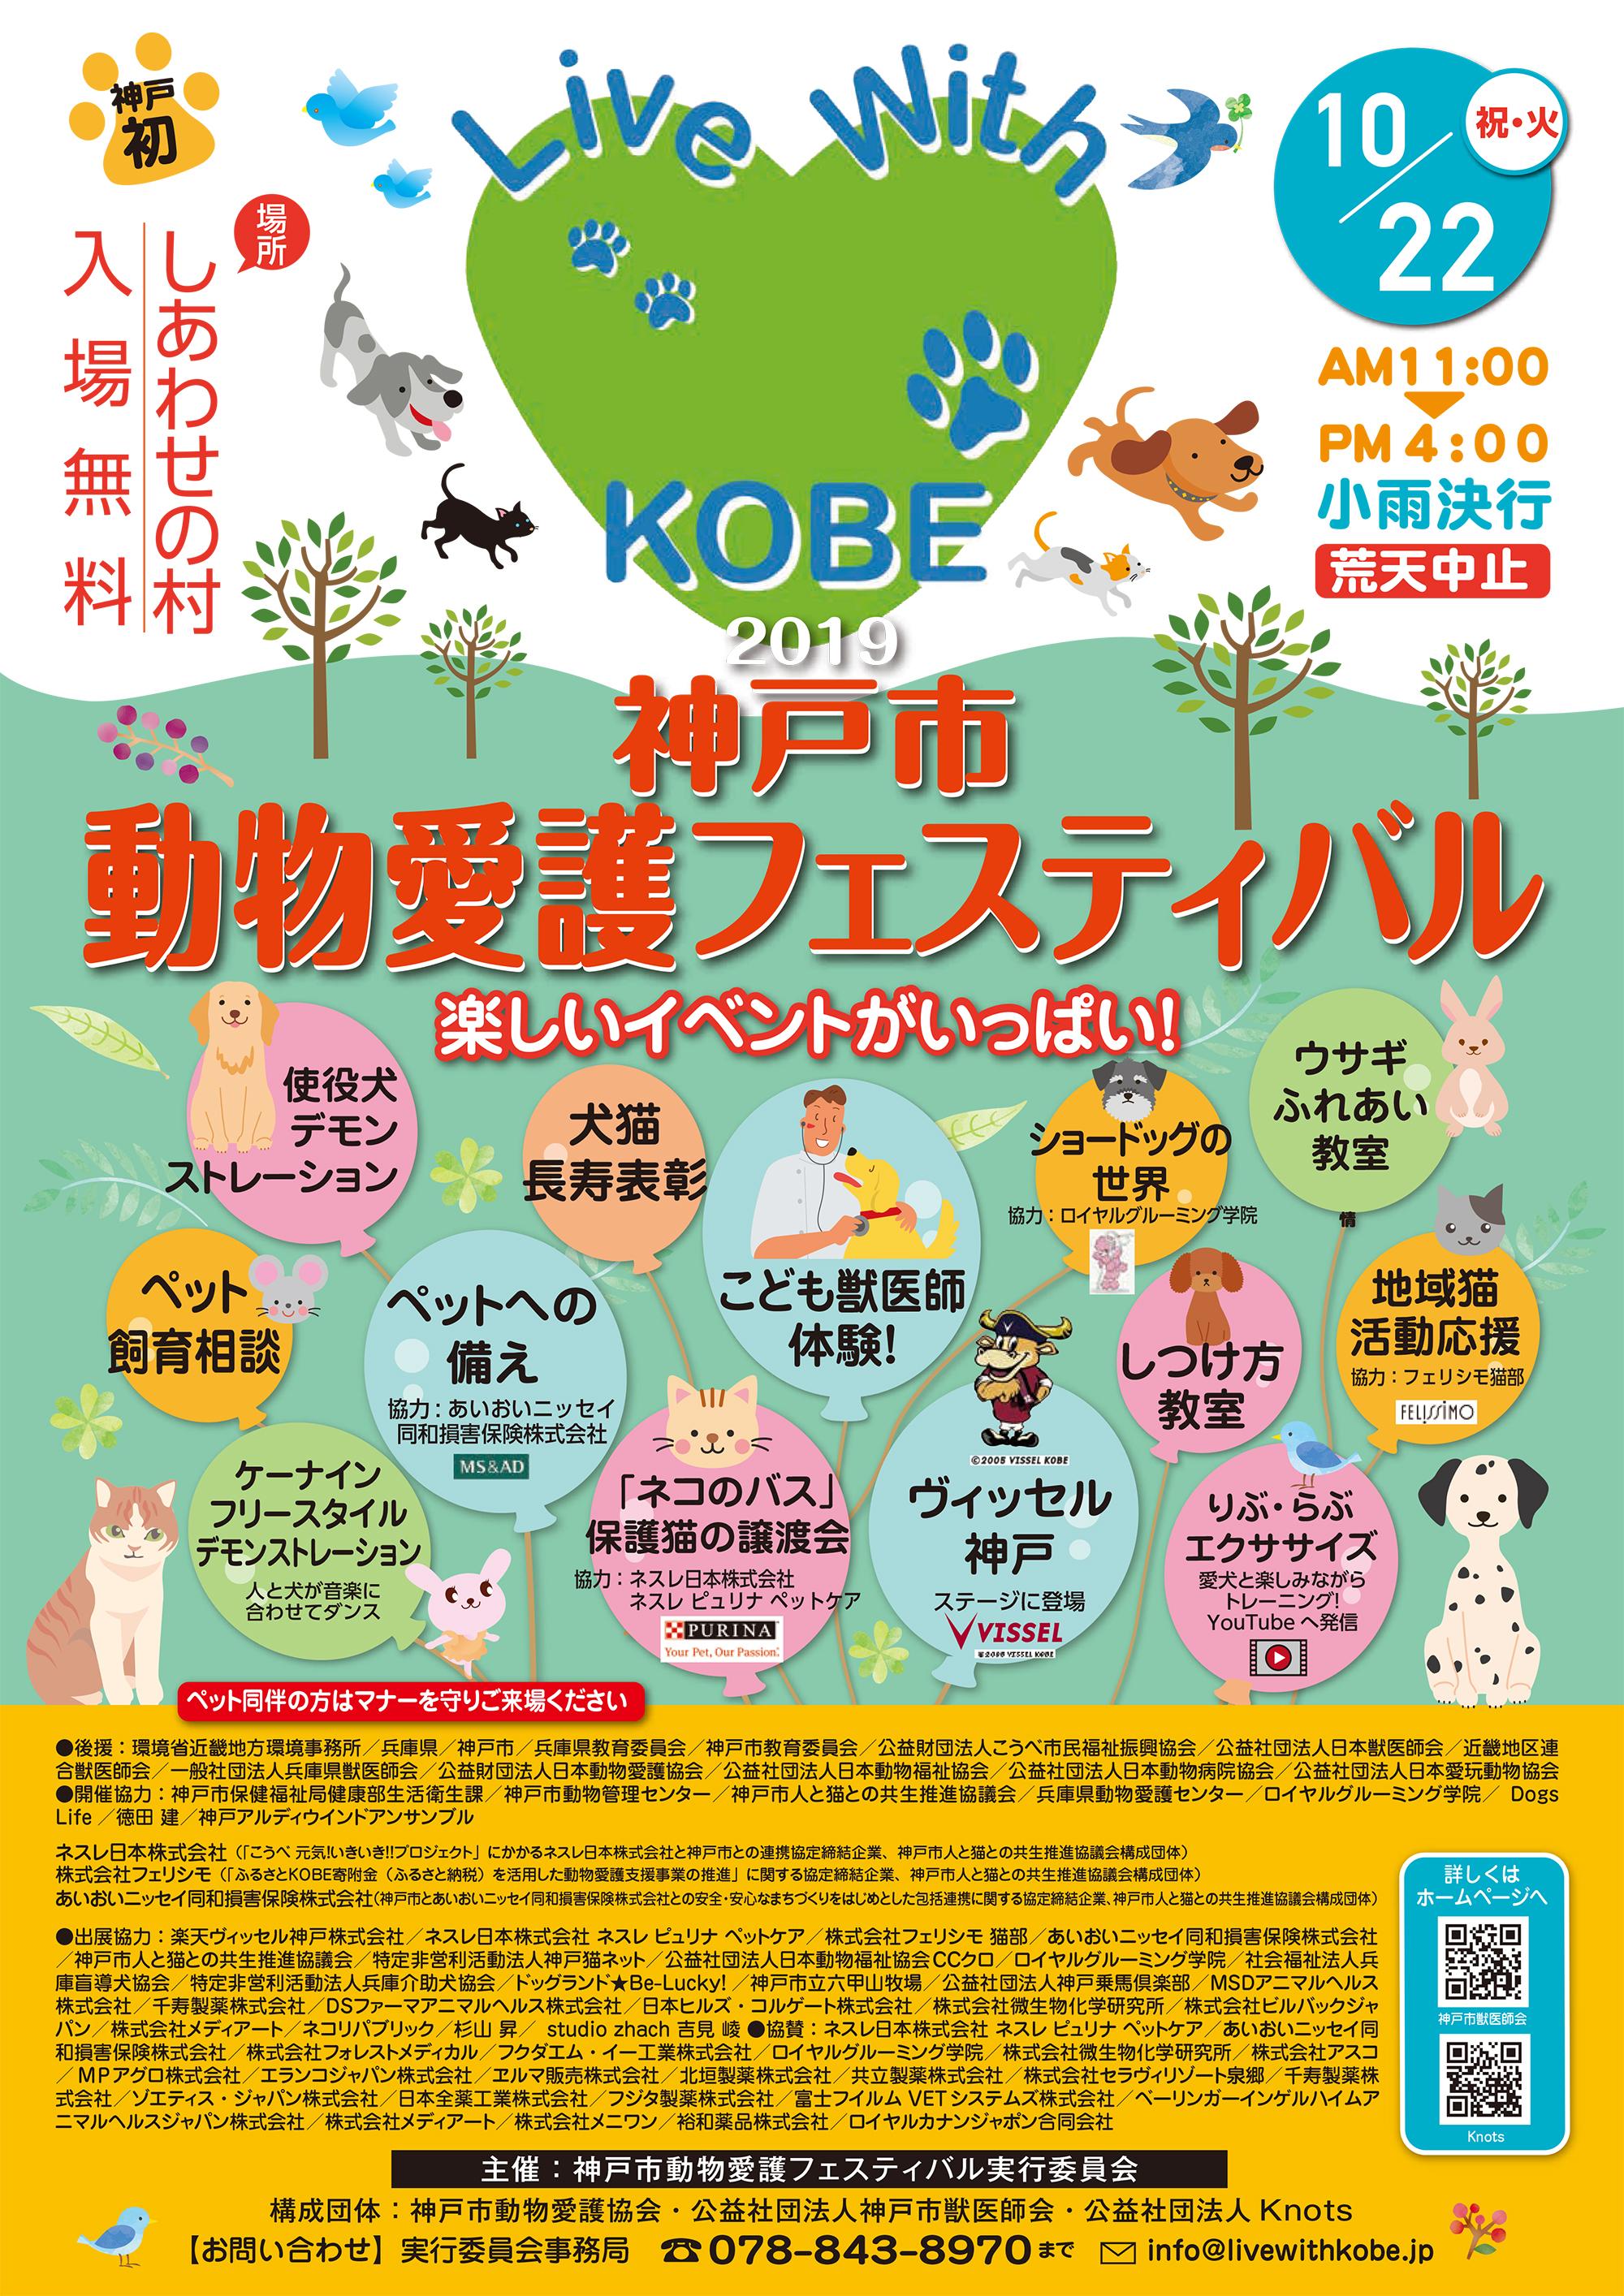 神戸市動物愛護フェスティバル2019総合ポスター決定版